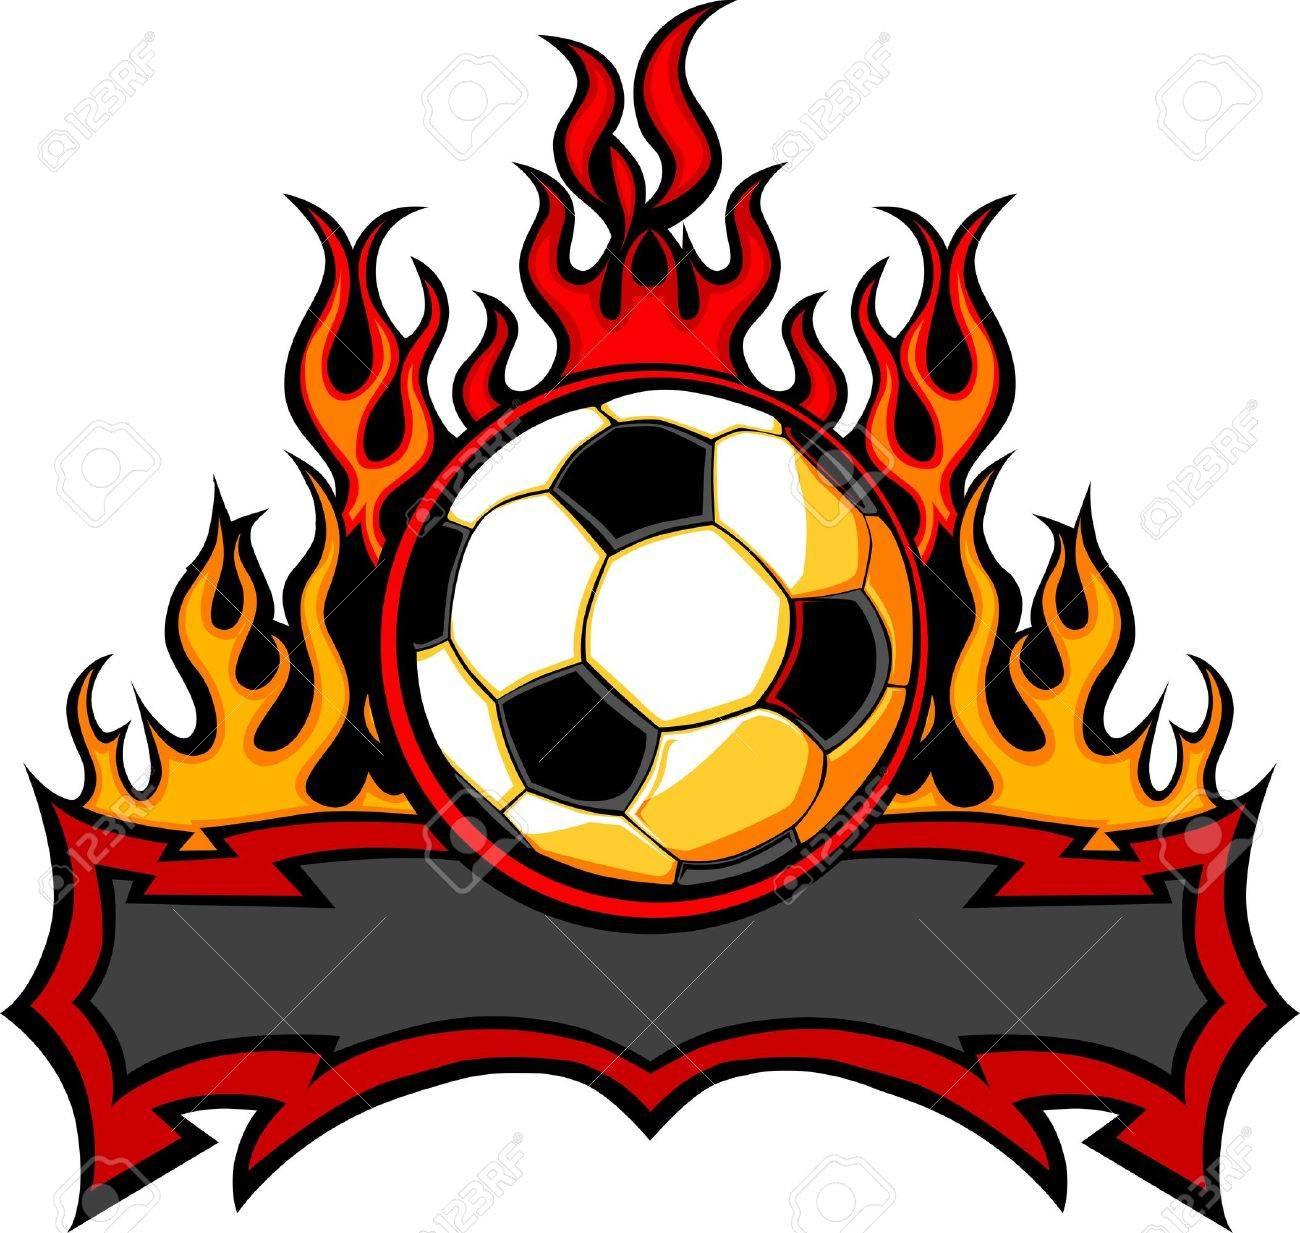 Feuer Flammen Silhouette Gesetzt 1234297 11